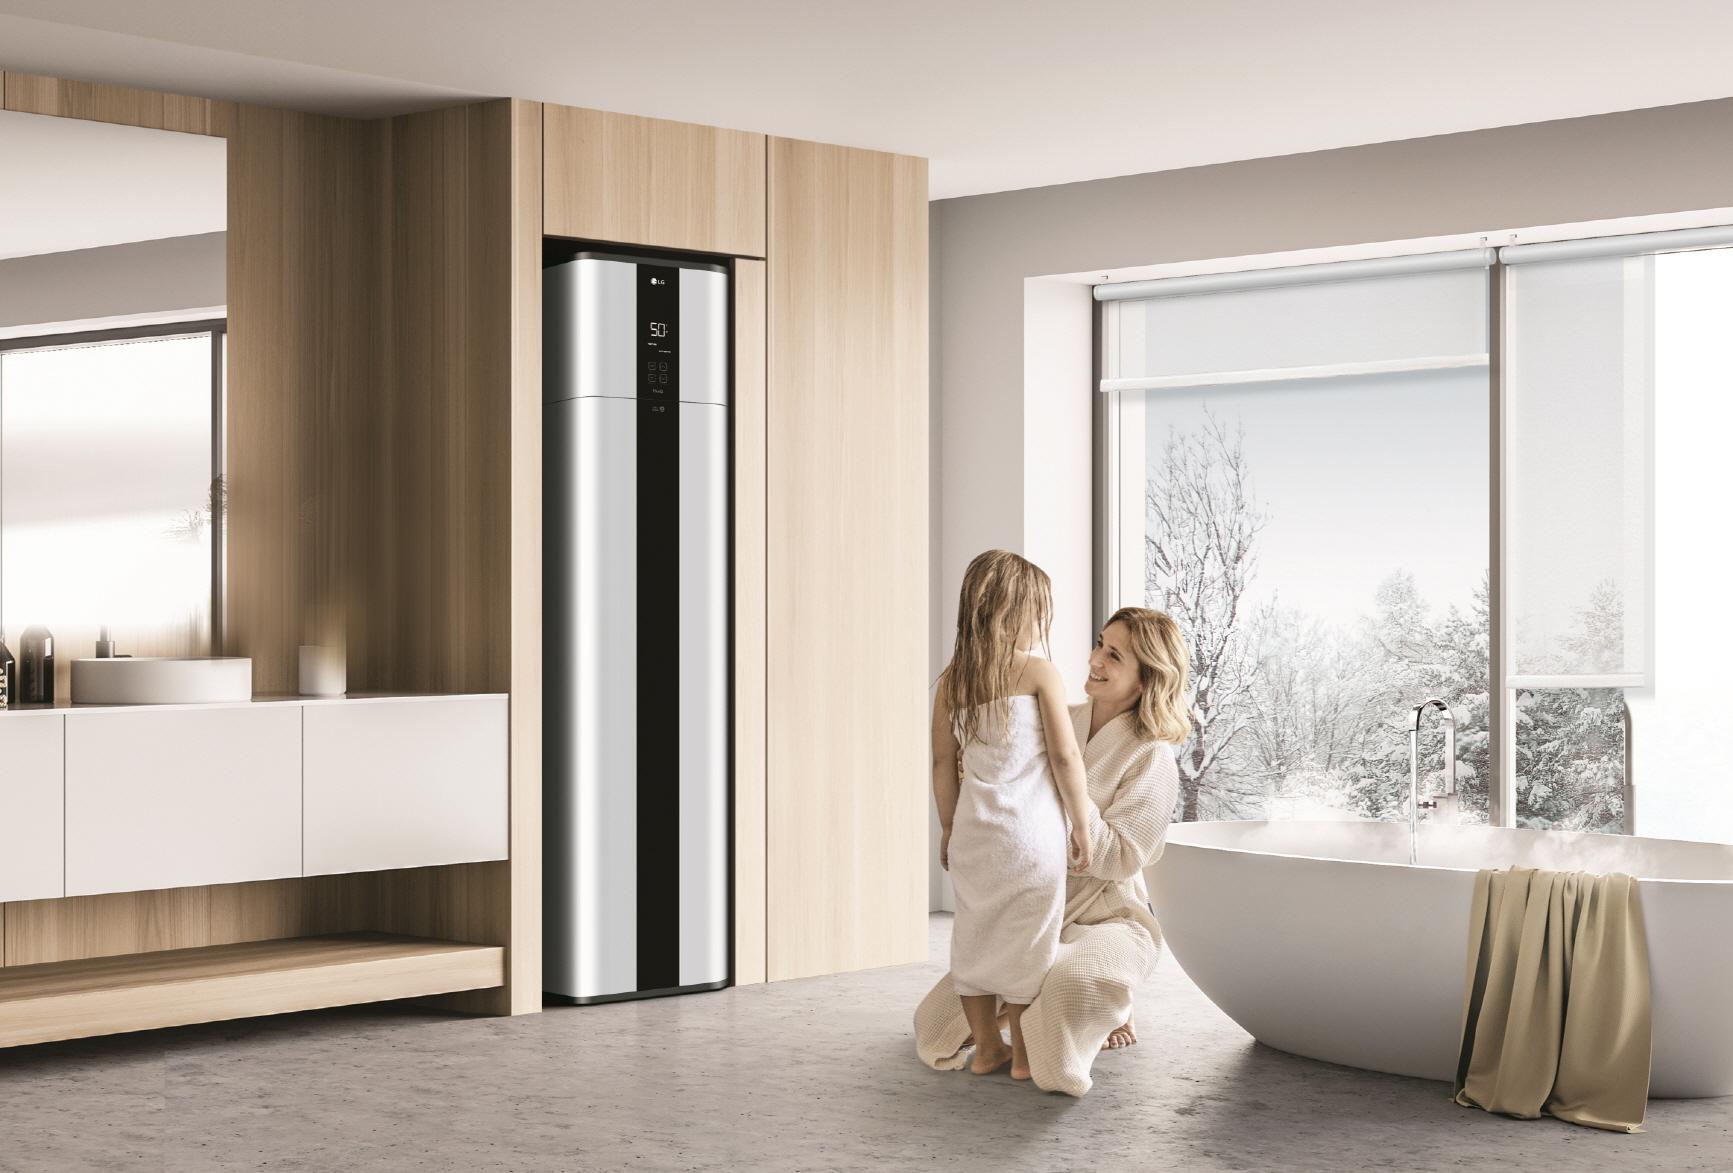 Η LG παρουσιάζει το νέο LG Inverter Pump Heater Water Heater